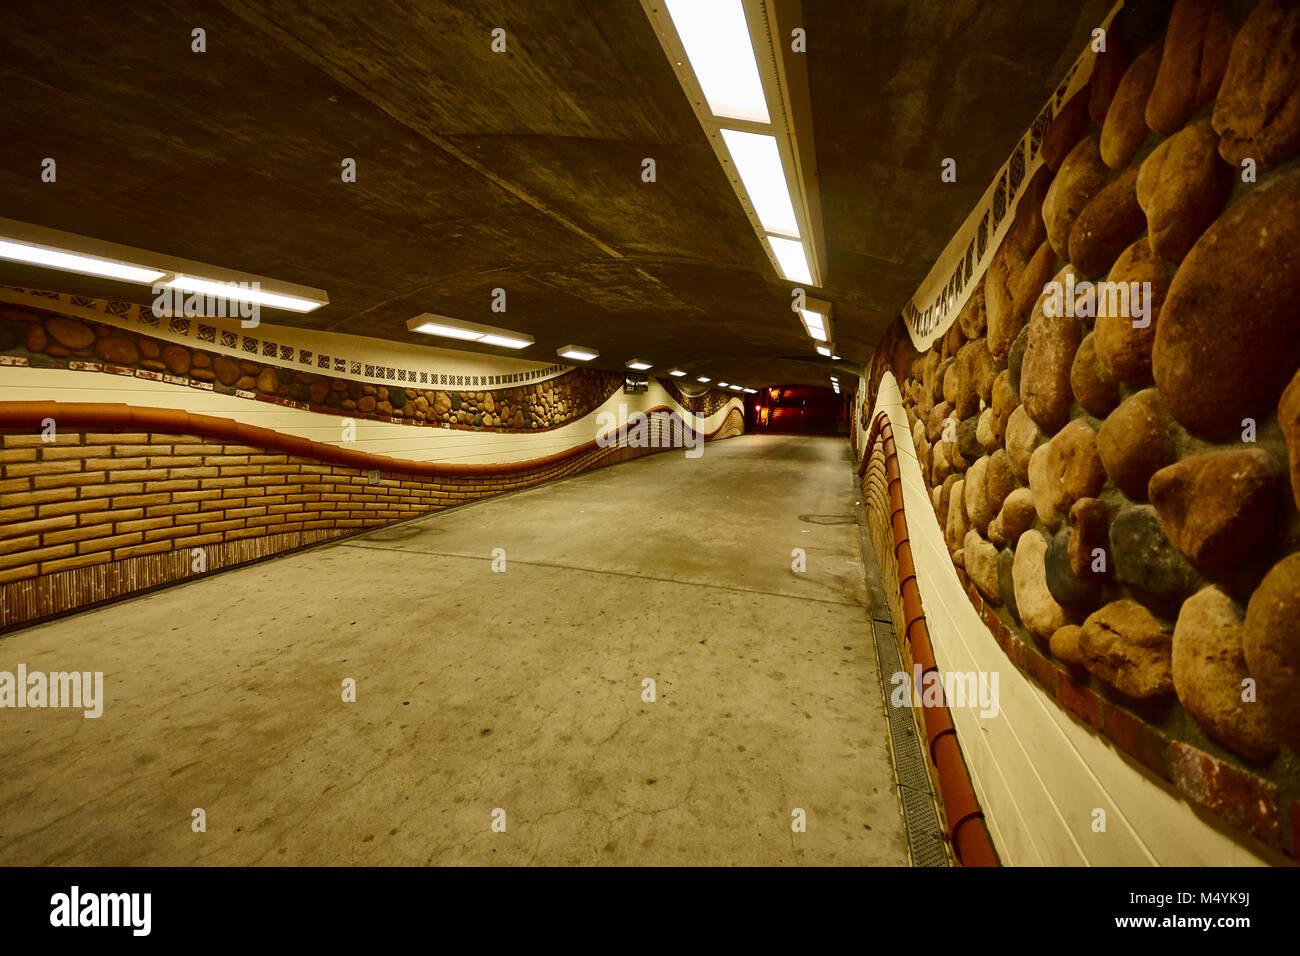 Imágenes de un pasaje subterráneo decorado con un motivo de nativos americanos en el casco antiguo de Imagen De Stock